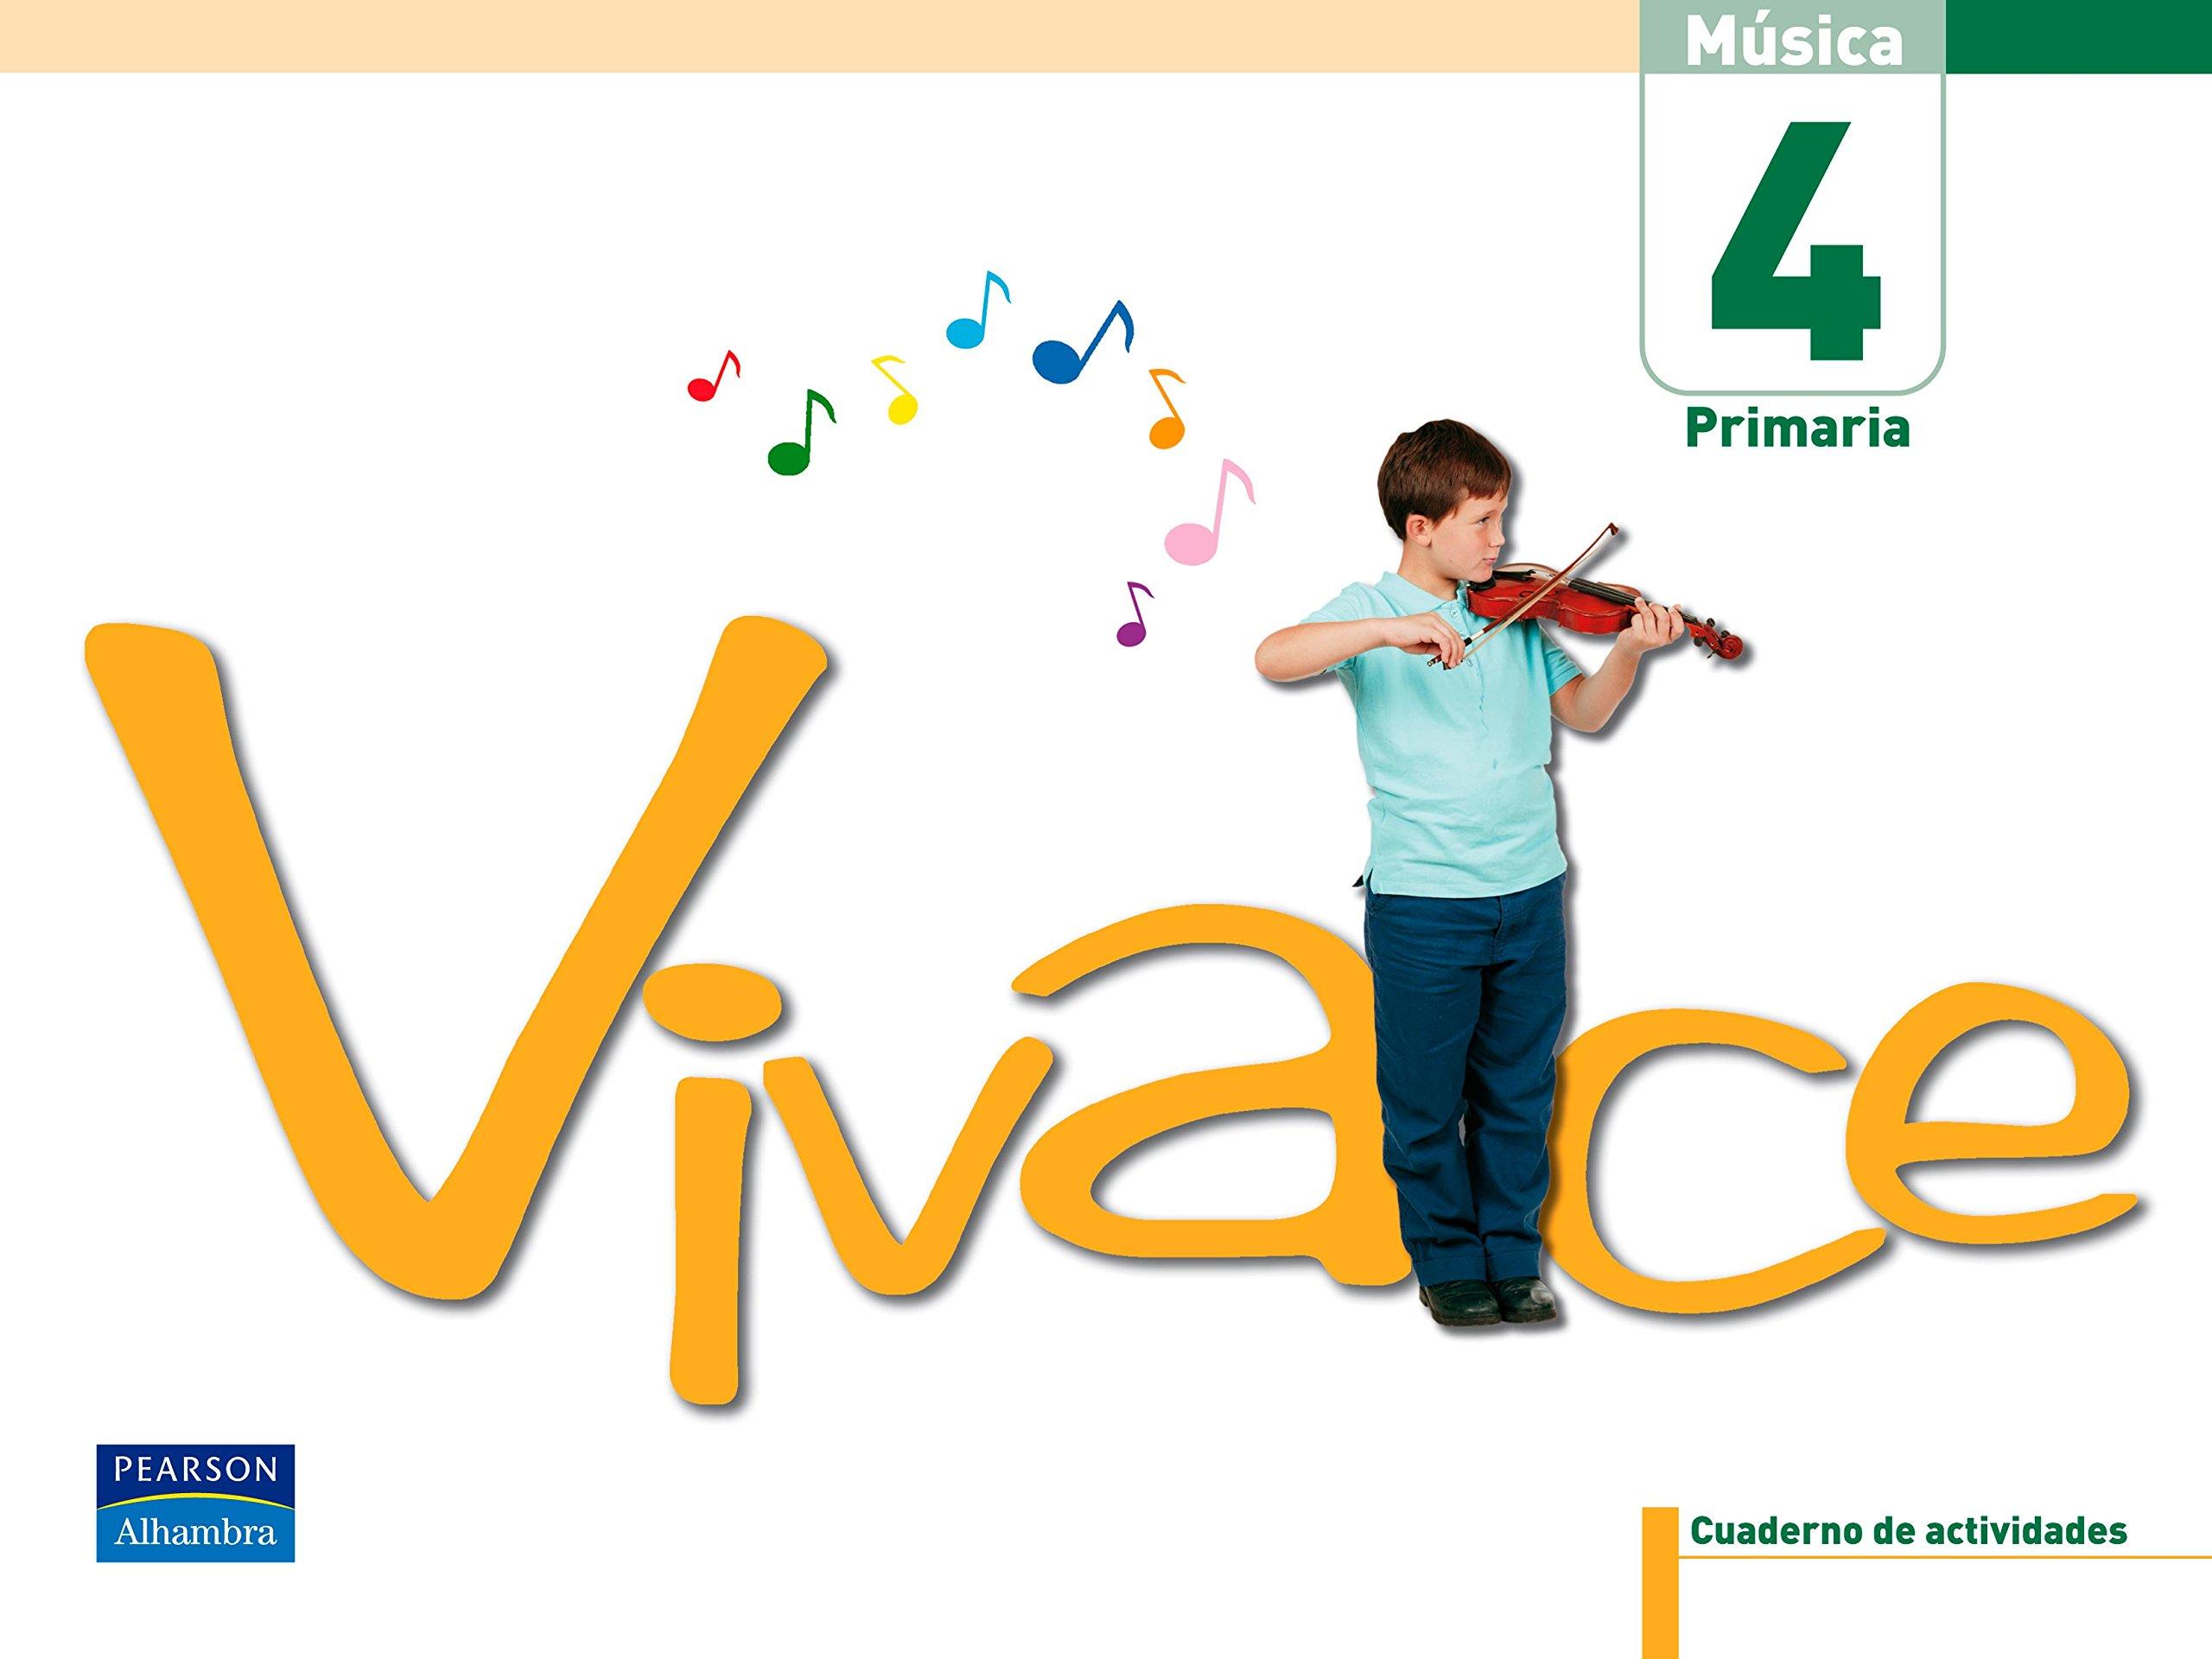 Vivace 4 pack cuaderno de actividades - 9788420551661: Amazon.es: Atance Ibar, Javier: Libros